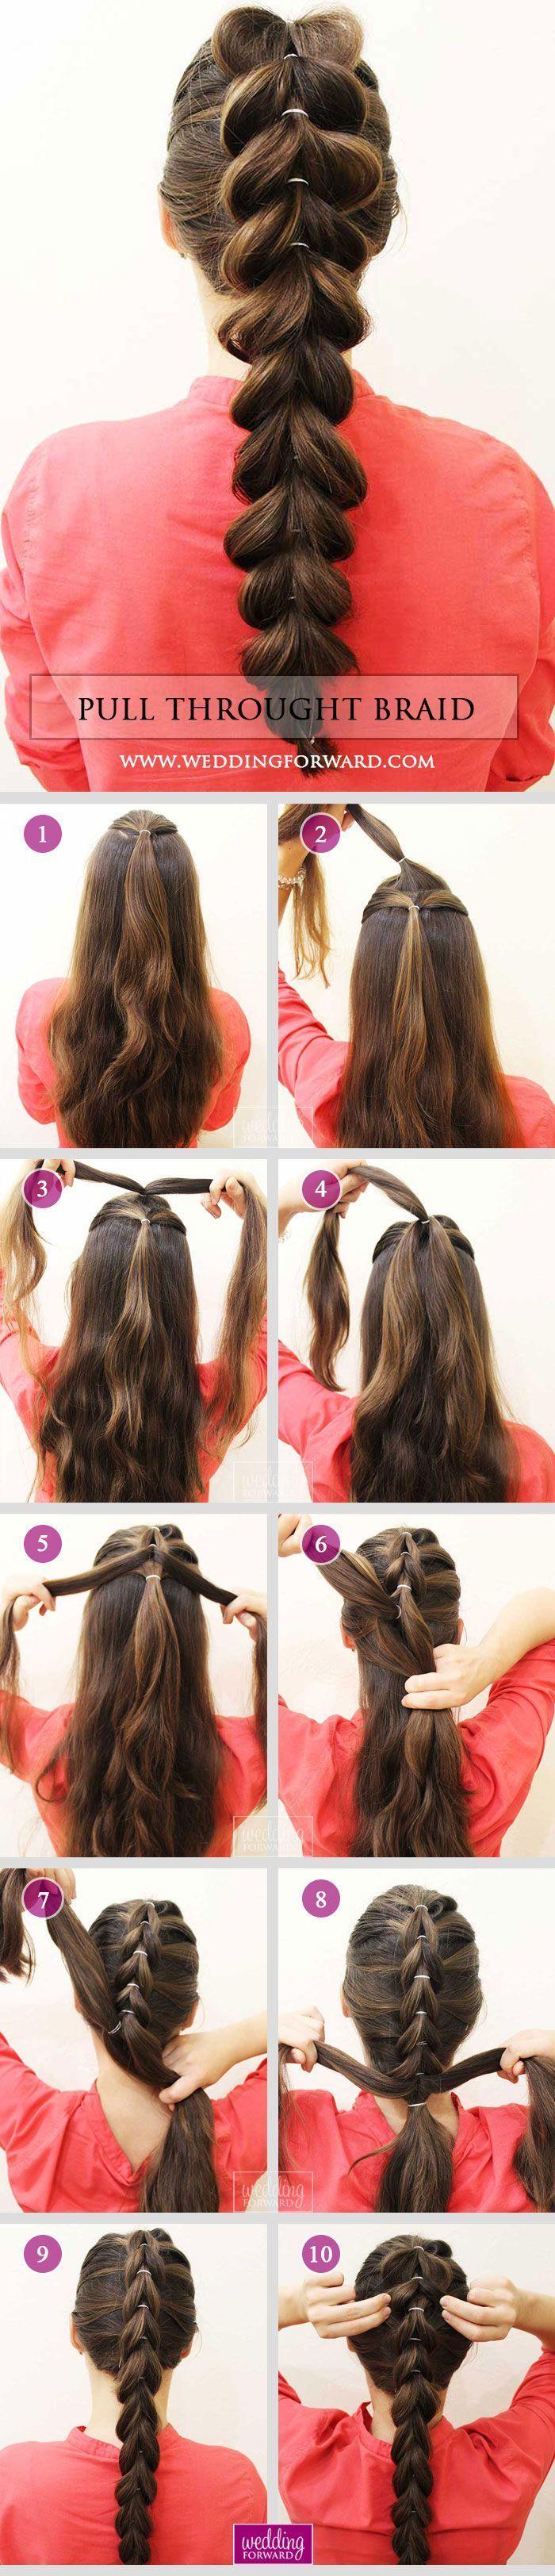 Pull-through braid tutorial